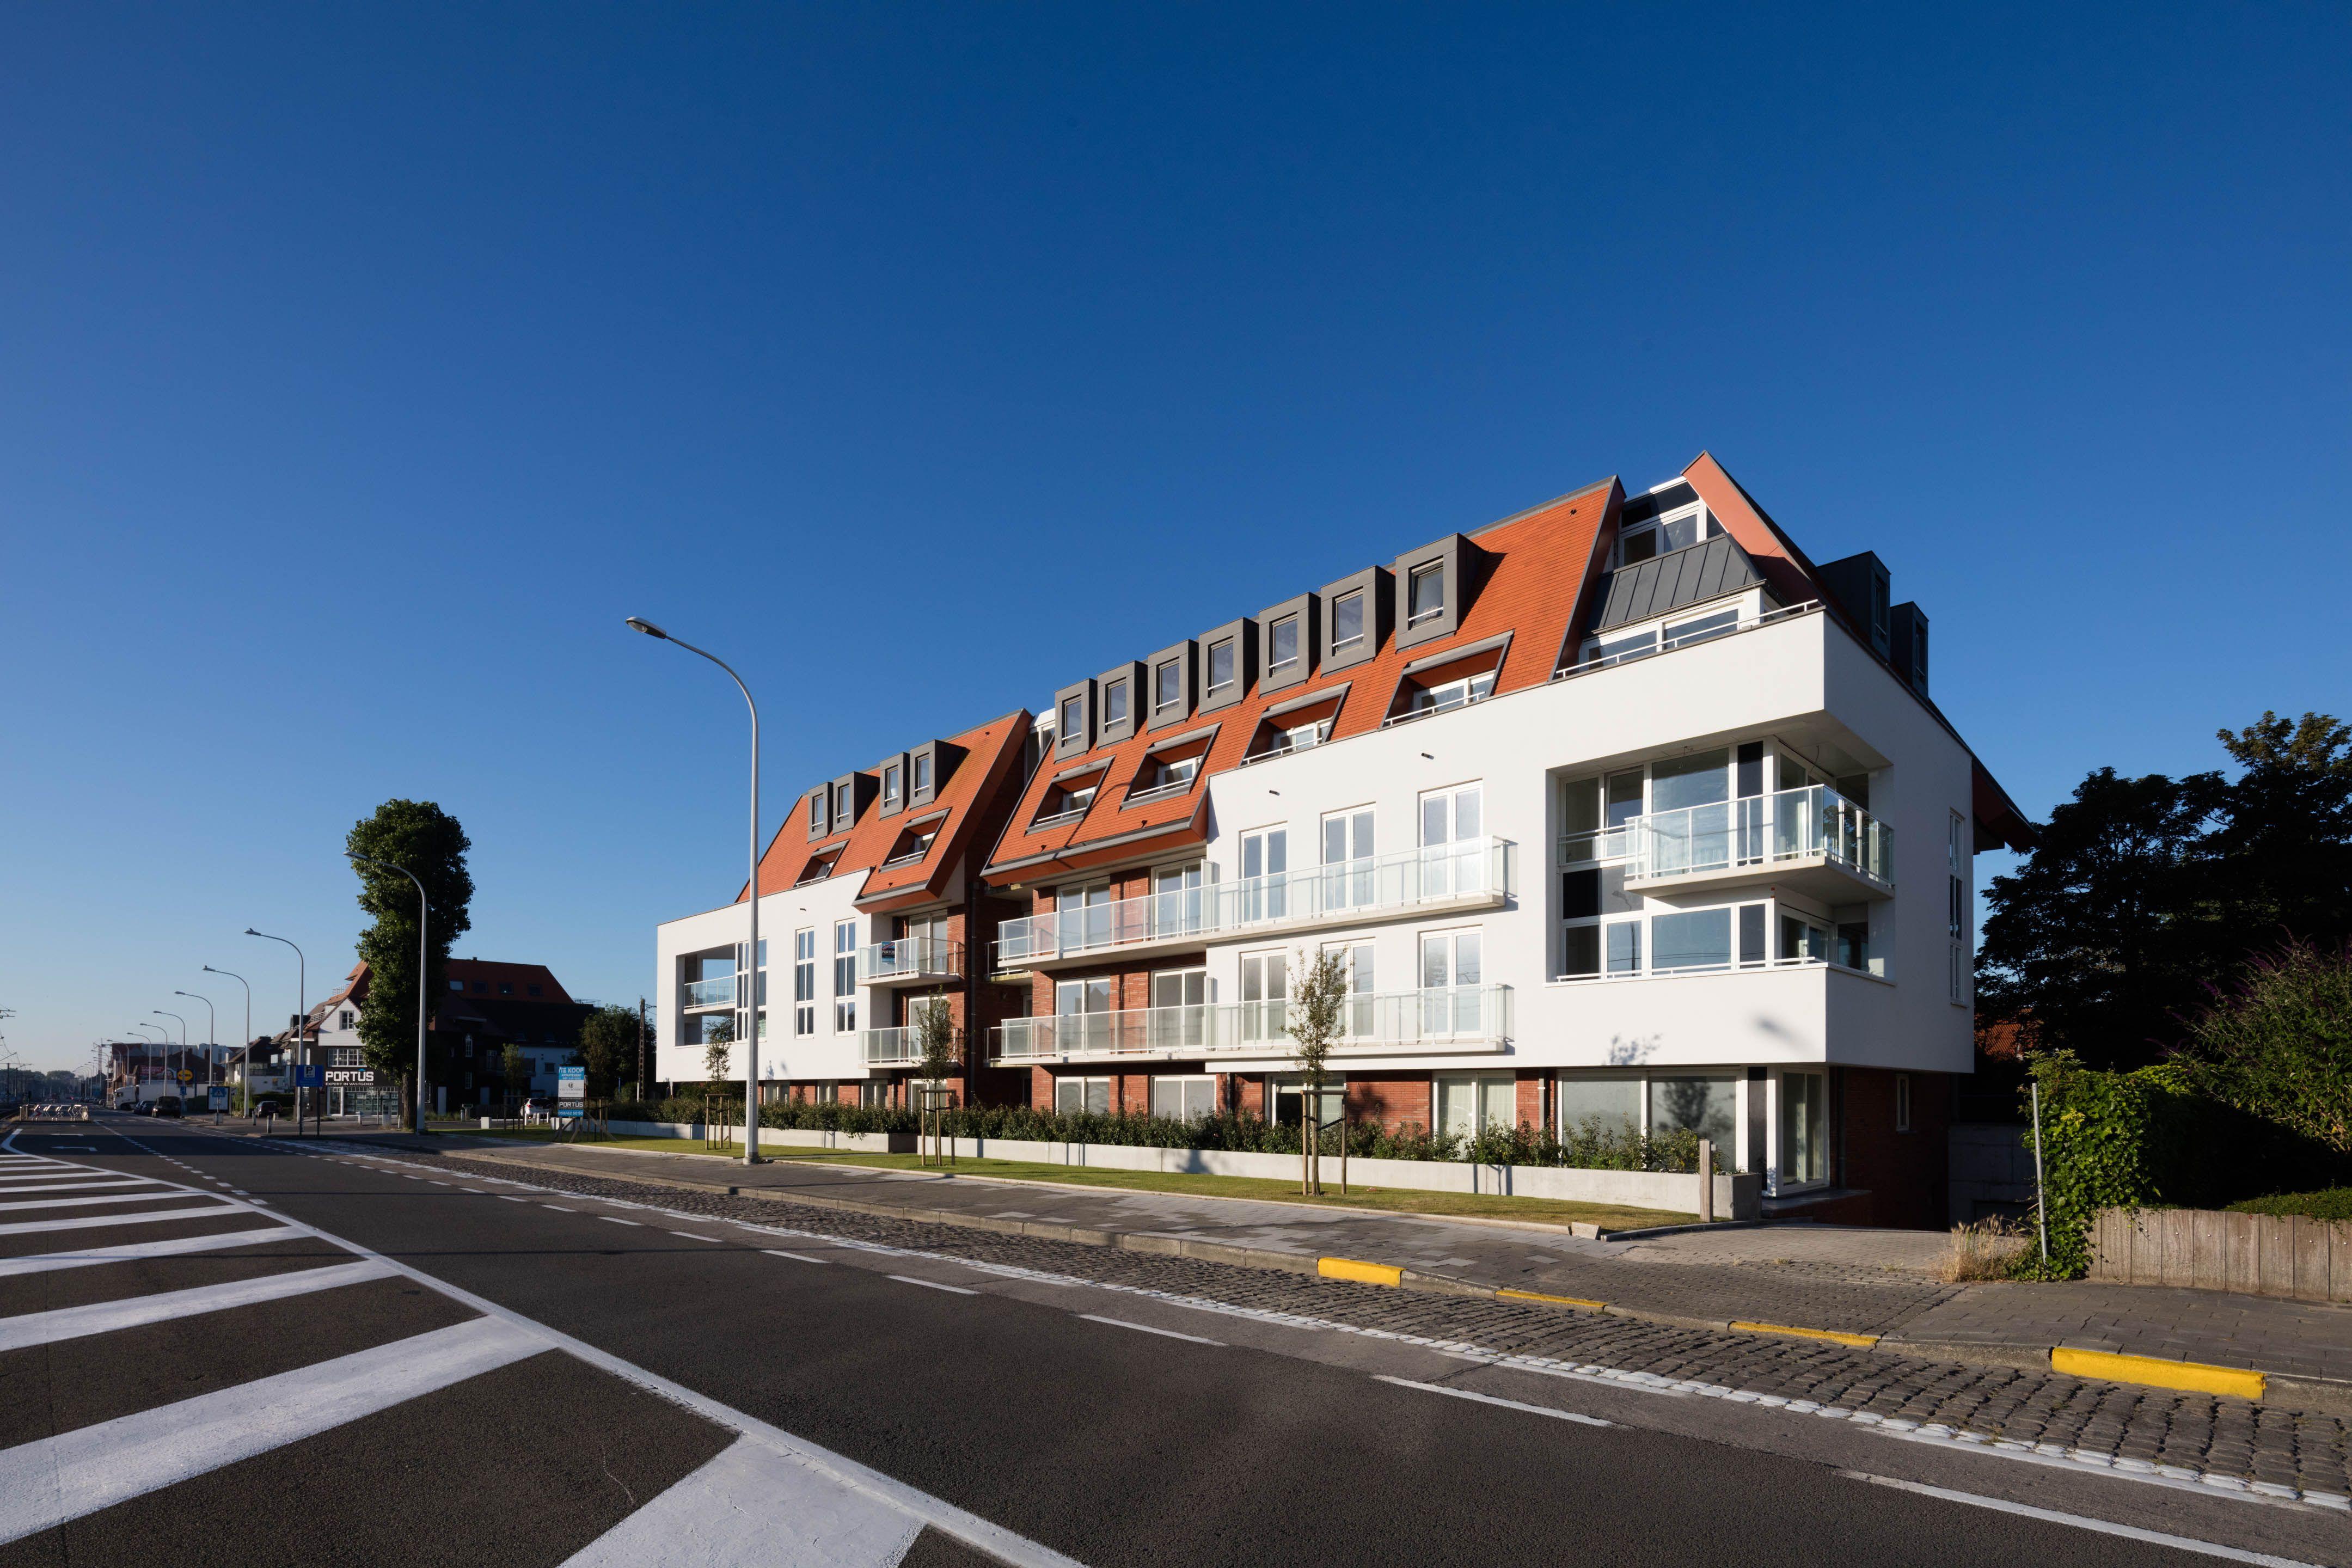 Appartement te koop met 3 slaapkamers, 2 badkamers en groot terras  - 9331